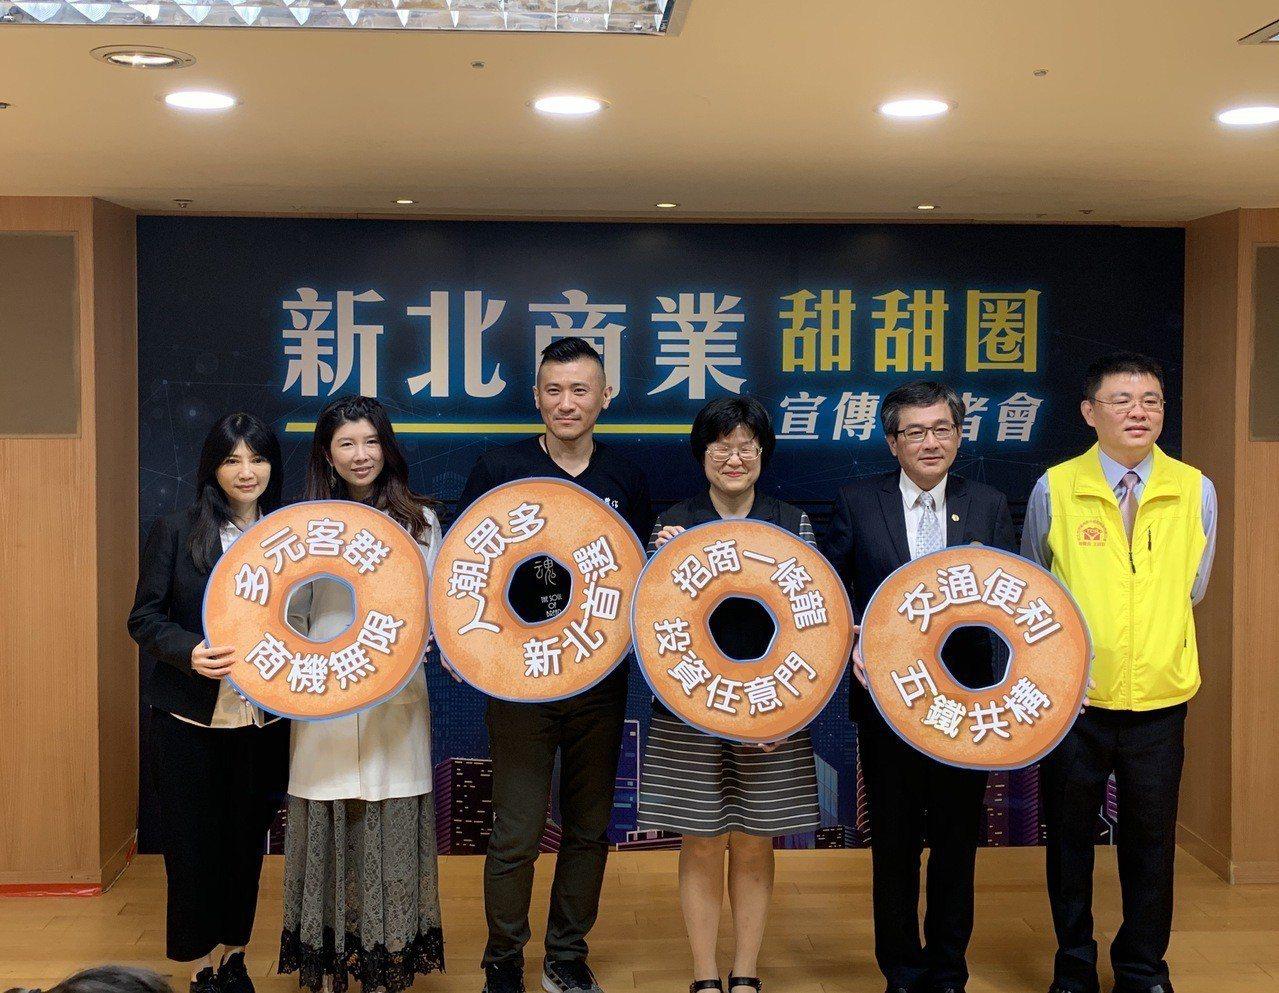 新北市政府18日舉辦「新北商業甜甜圈記者會」。圖/業者提供